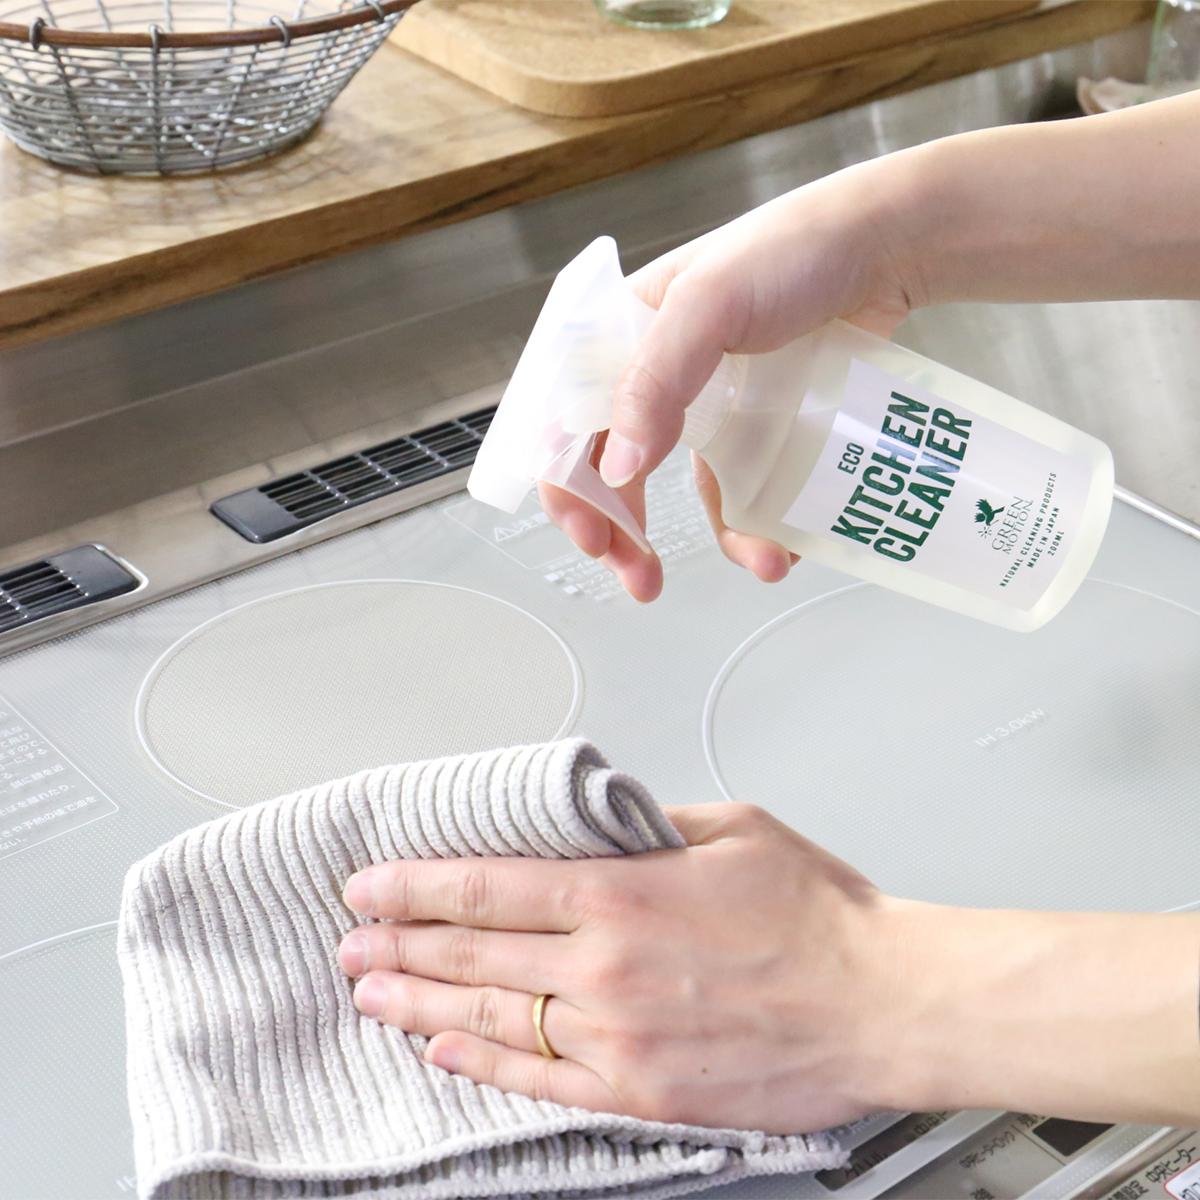 コンロまわり・壁・床の油ハネ、油汚れに。洗剤なのに、スプレーして拭くだけ!ヒバ精油配合で除菌・消臭もできる「エコキッチンクリーナー」|GREEN MOTION